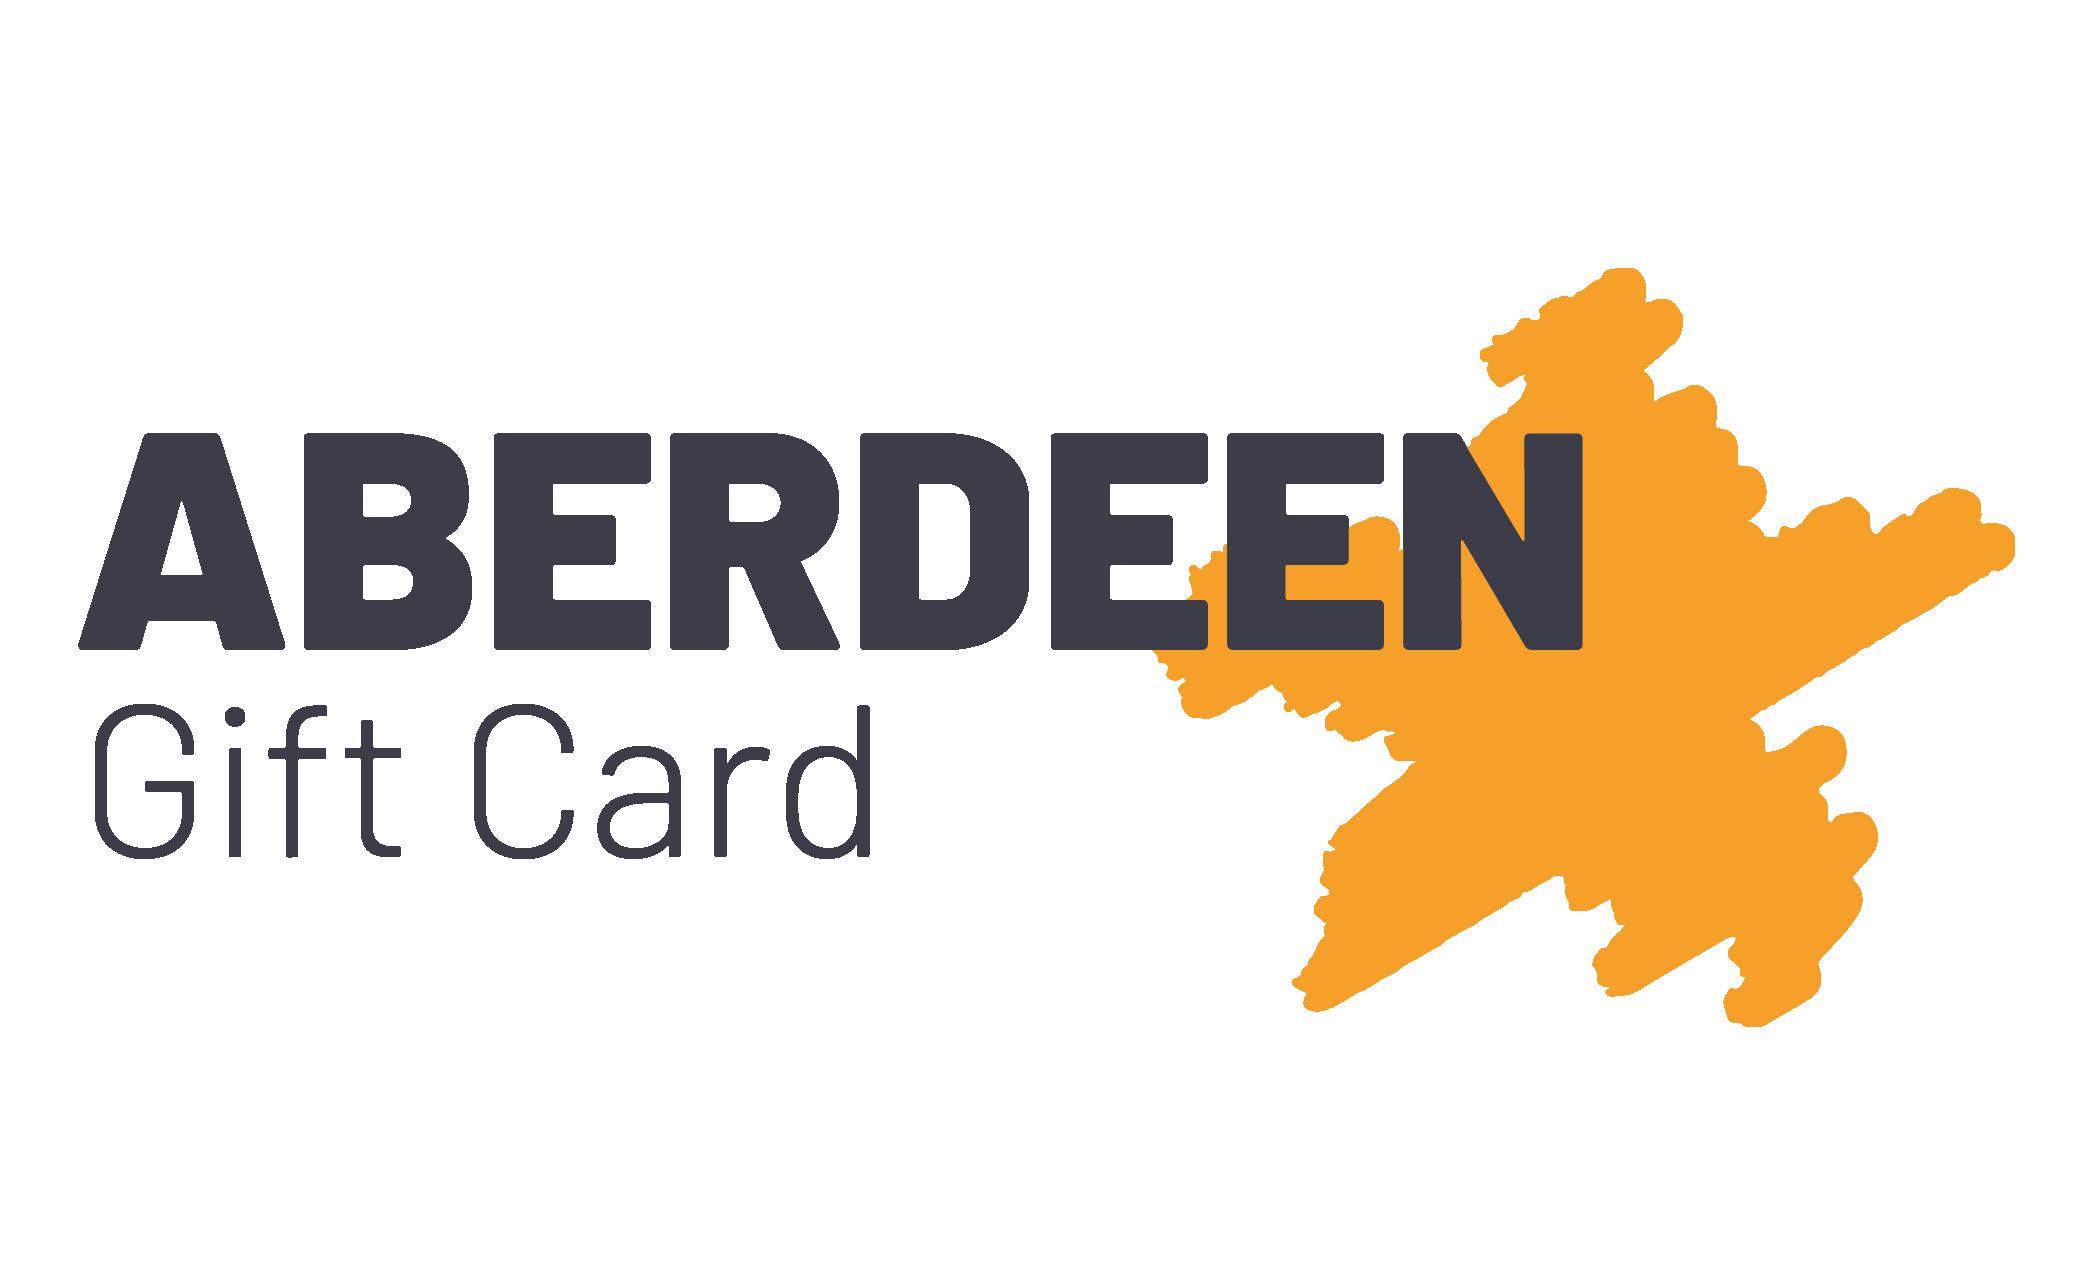 Aberdeen Gift Card